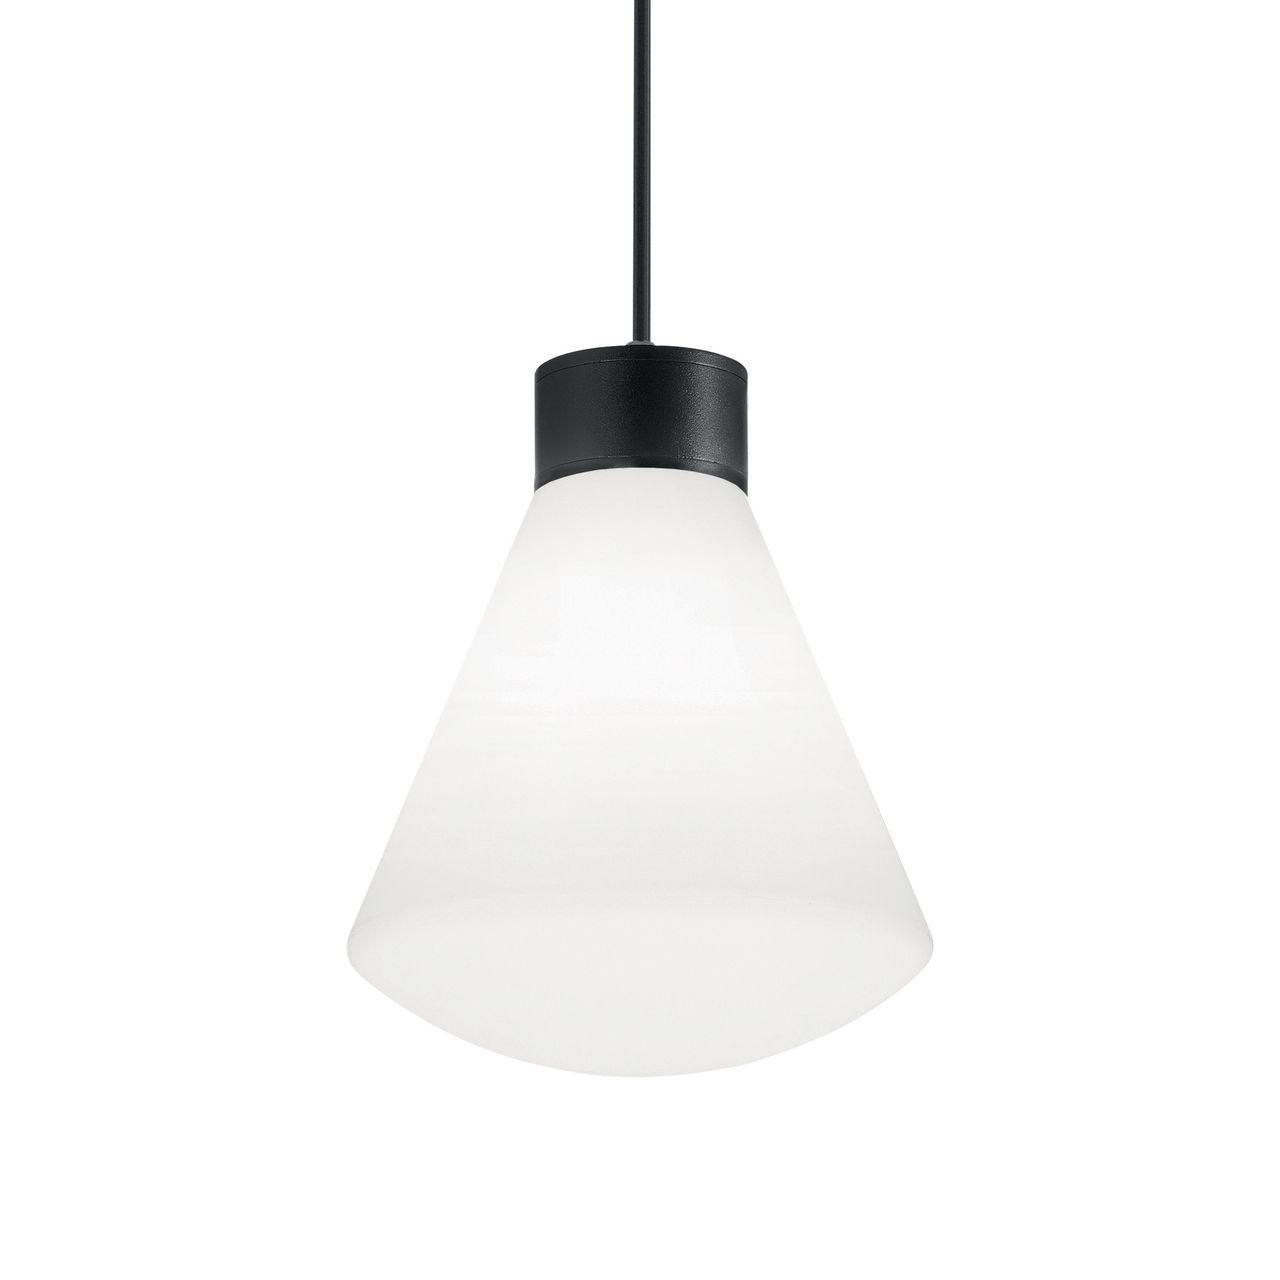 Уличный подвесной светильник Ideal Lux Ouverture SP1 Nero